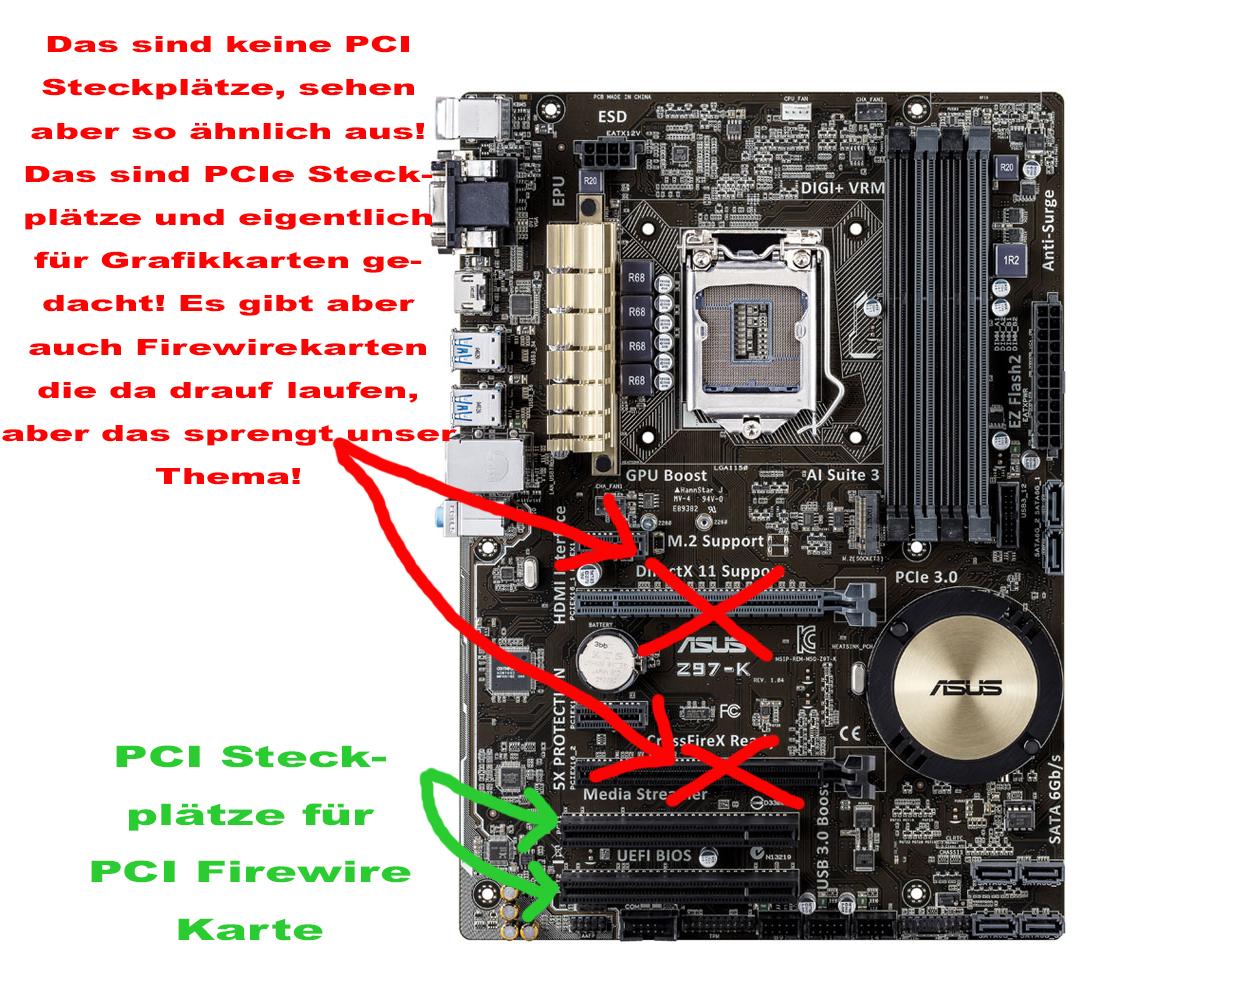 PC ganz einfach mit Firewire PCI Karte aufrüsten   Sequencer.de ...